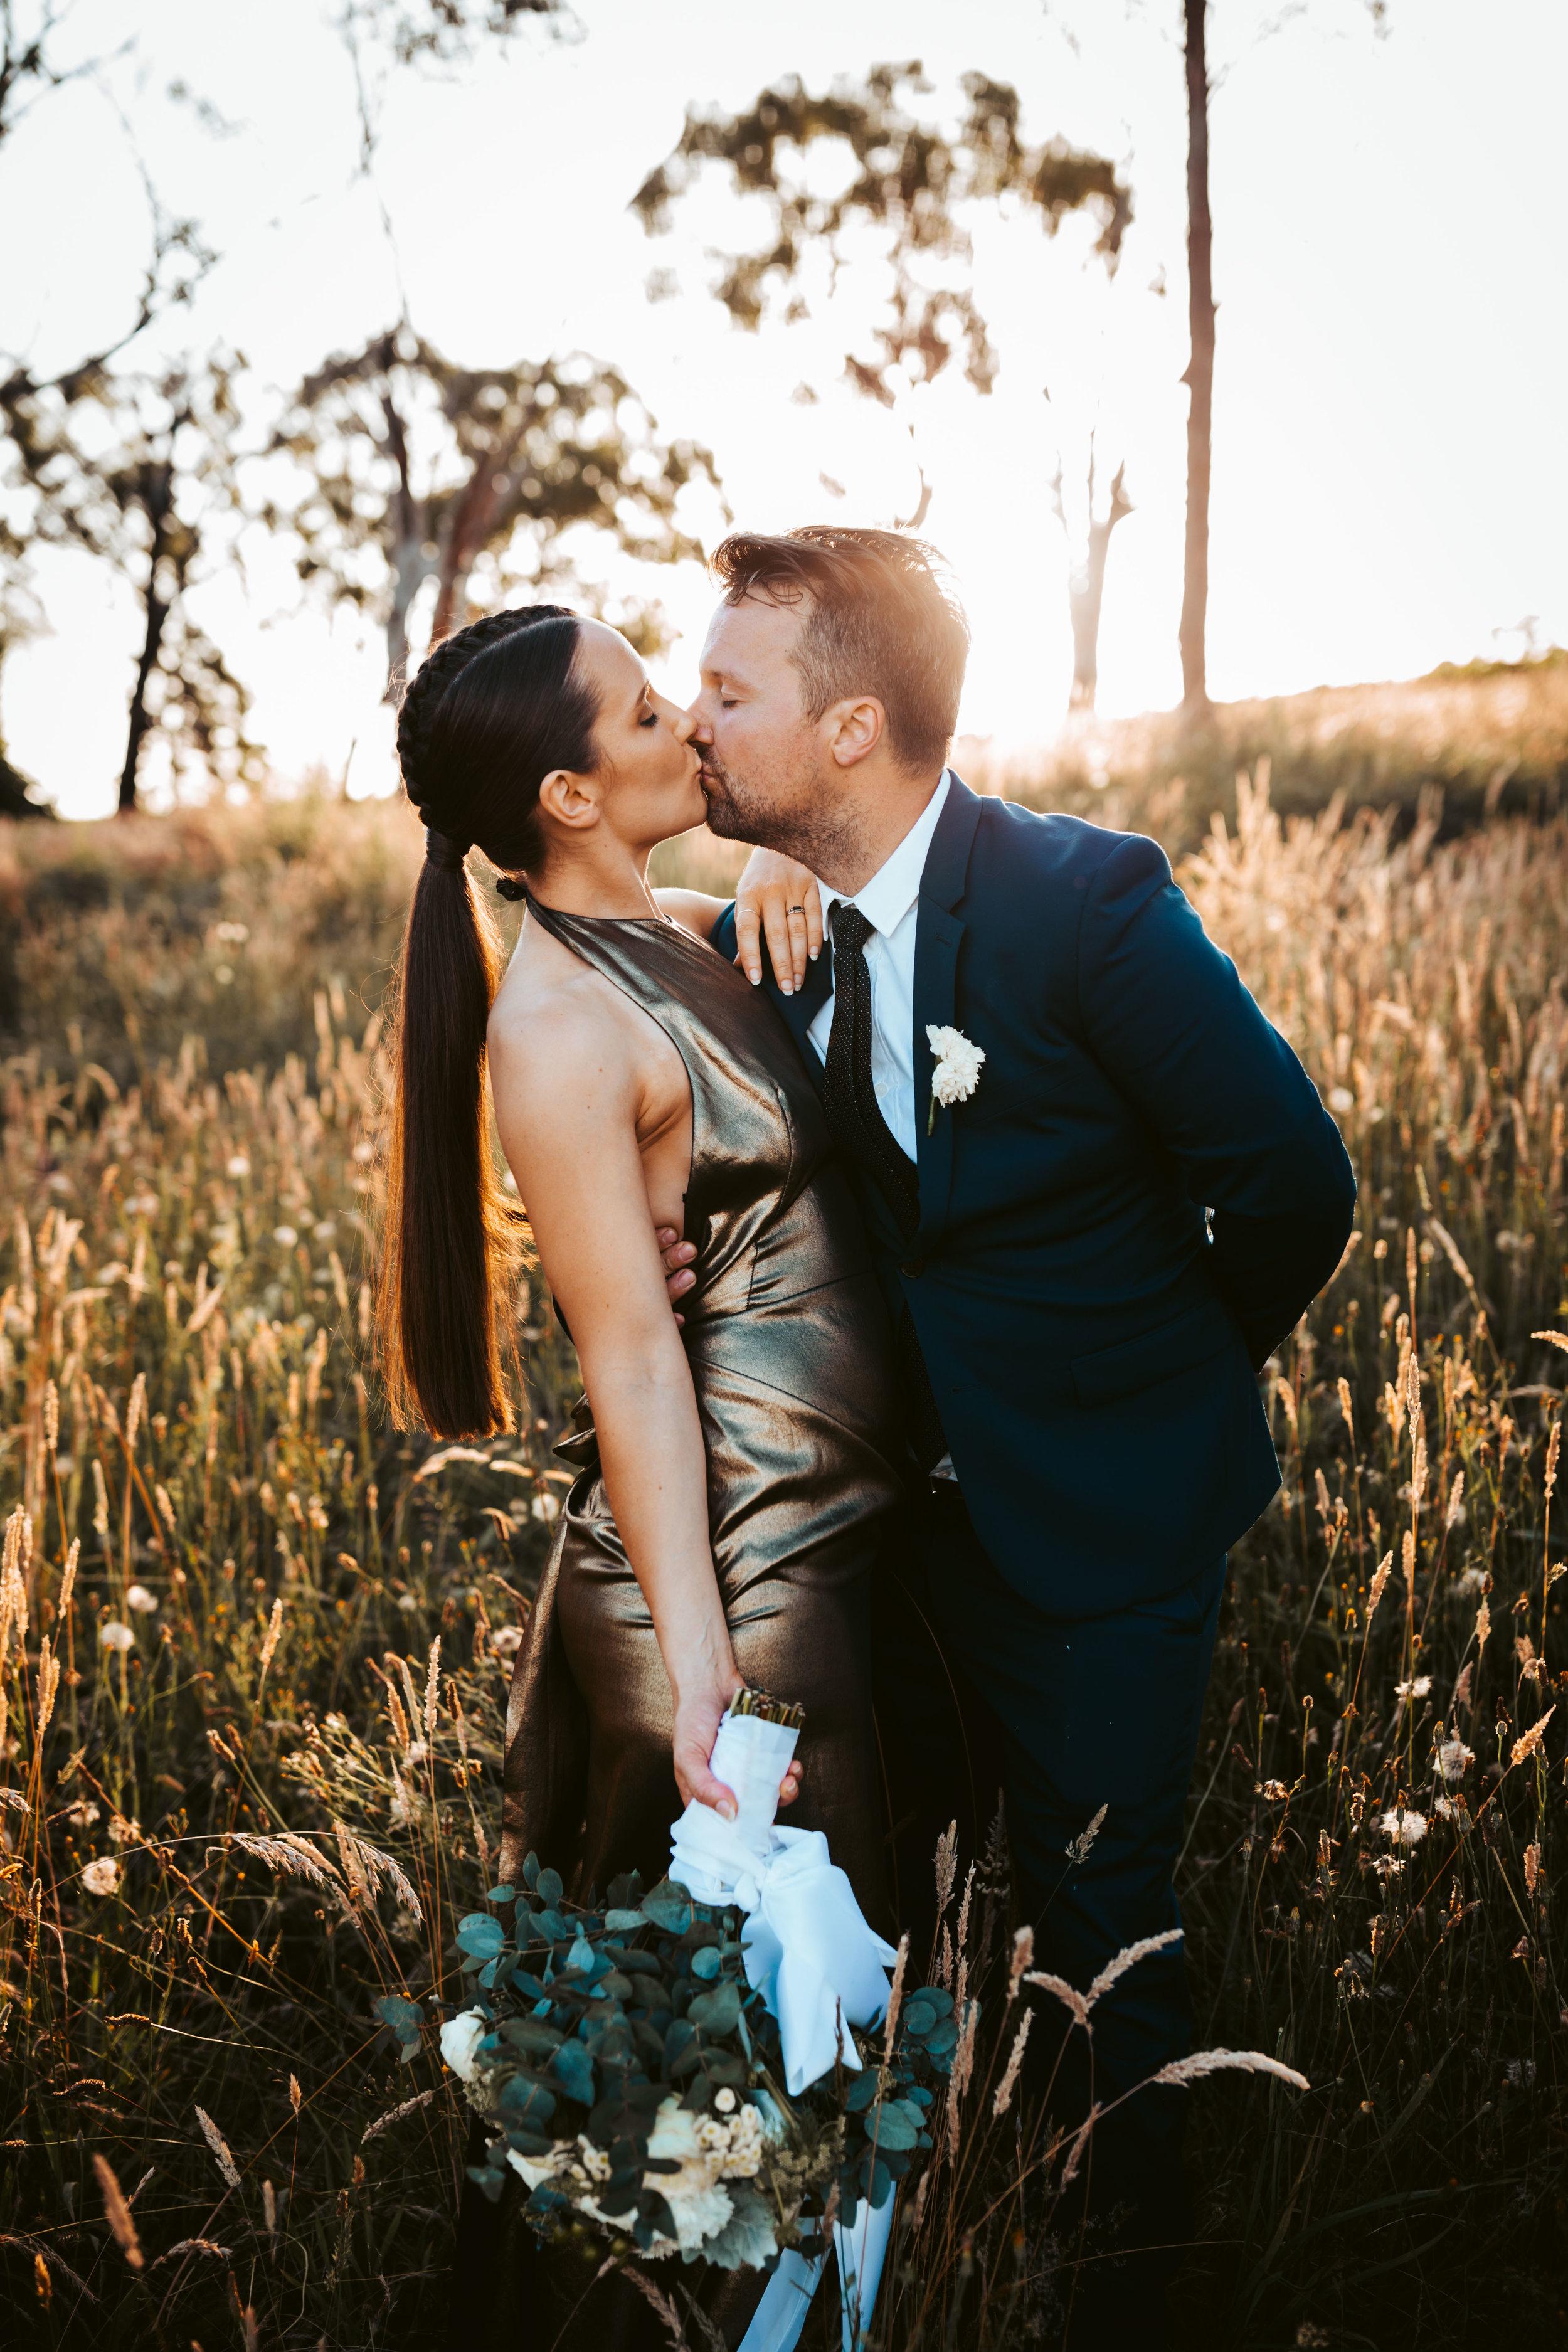 Lauren&Jarrod_weddingSMALLRES (630 of 714).jpg